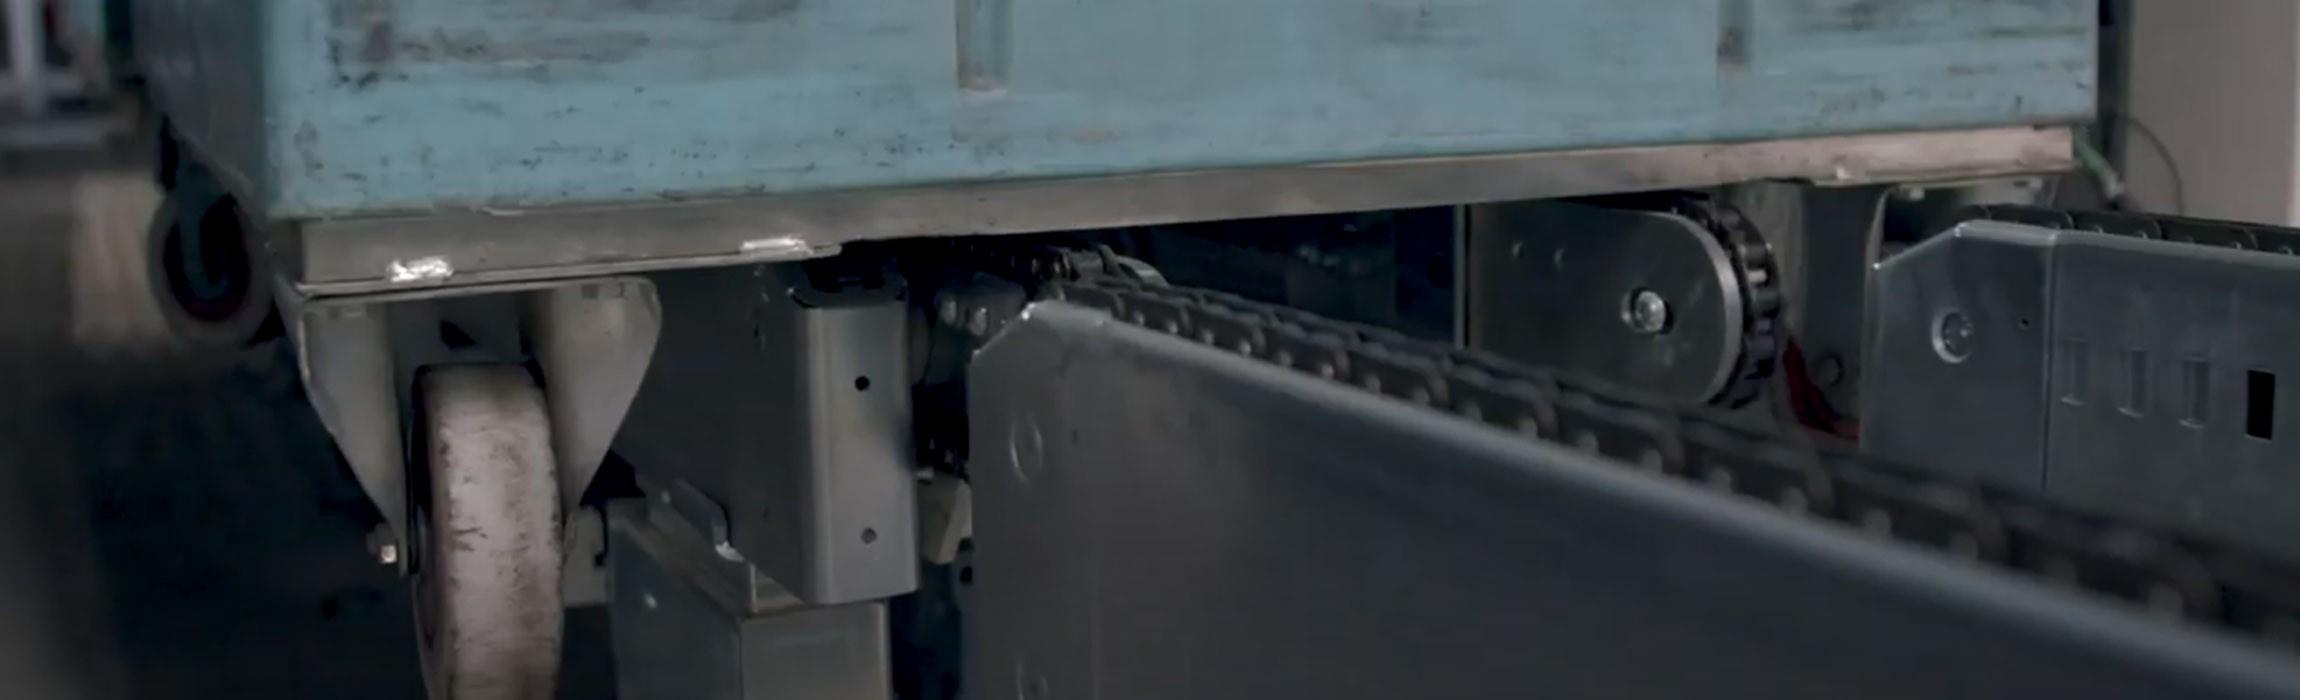 Rollcontainerfördertechnik - hoher Automatisierungsgrad und Durchsatzleistung mit TGW.